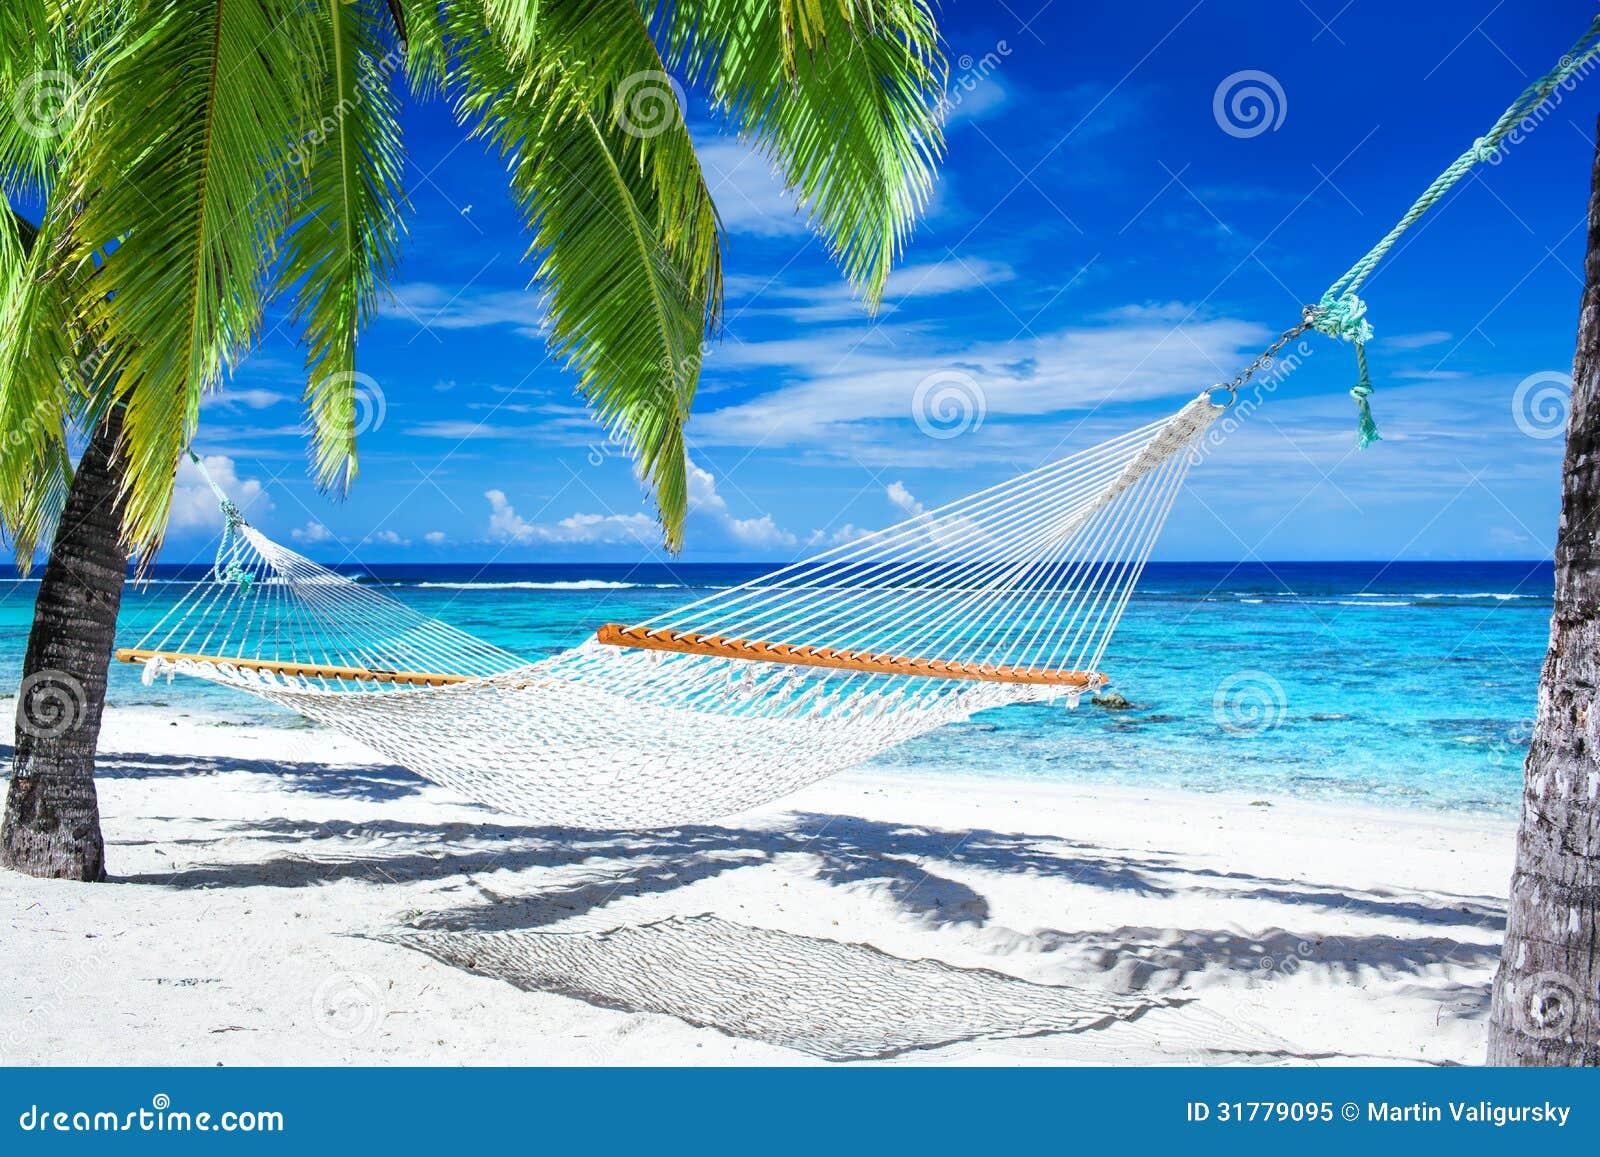 Hamaca Entre Las Palmeras En La Playa Tropical Foto De